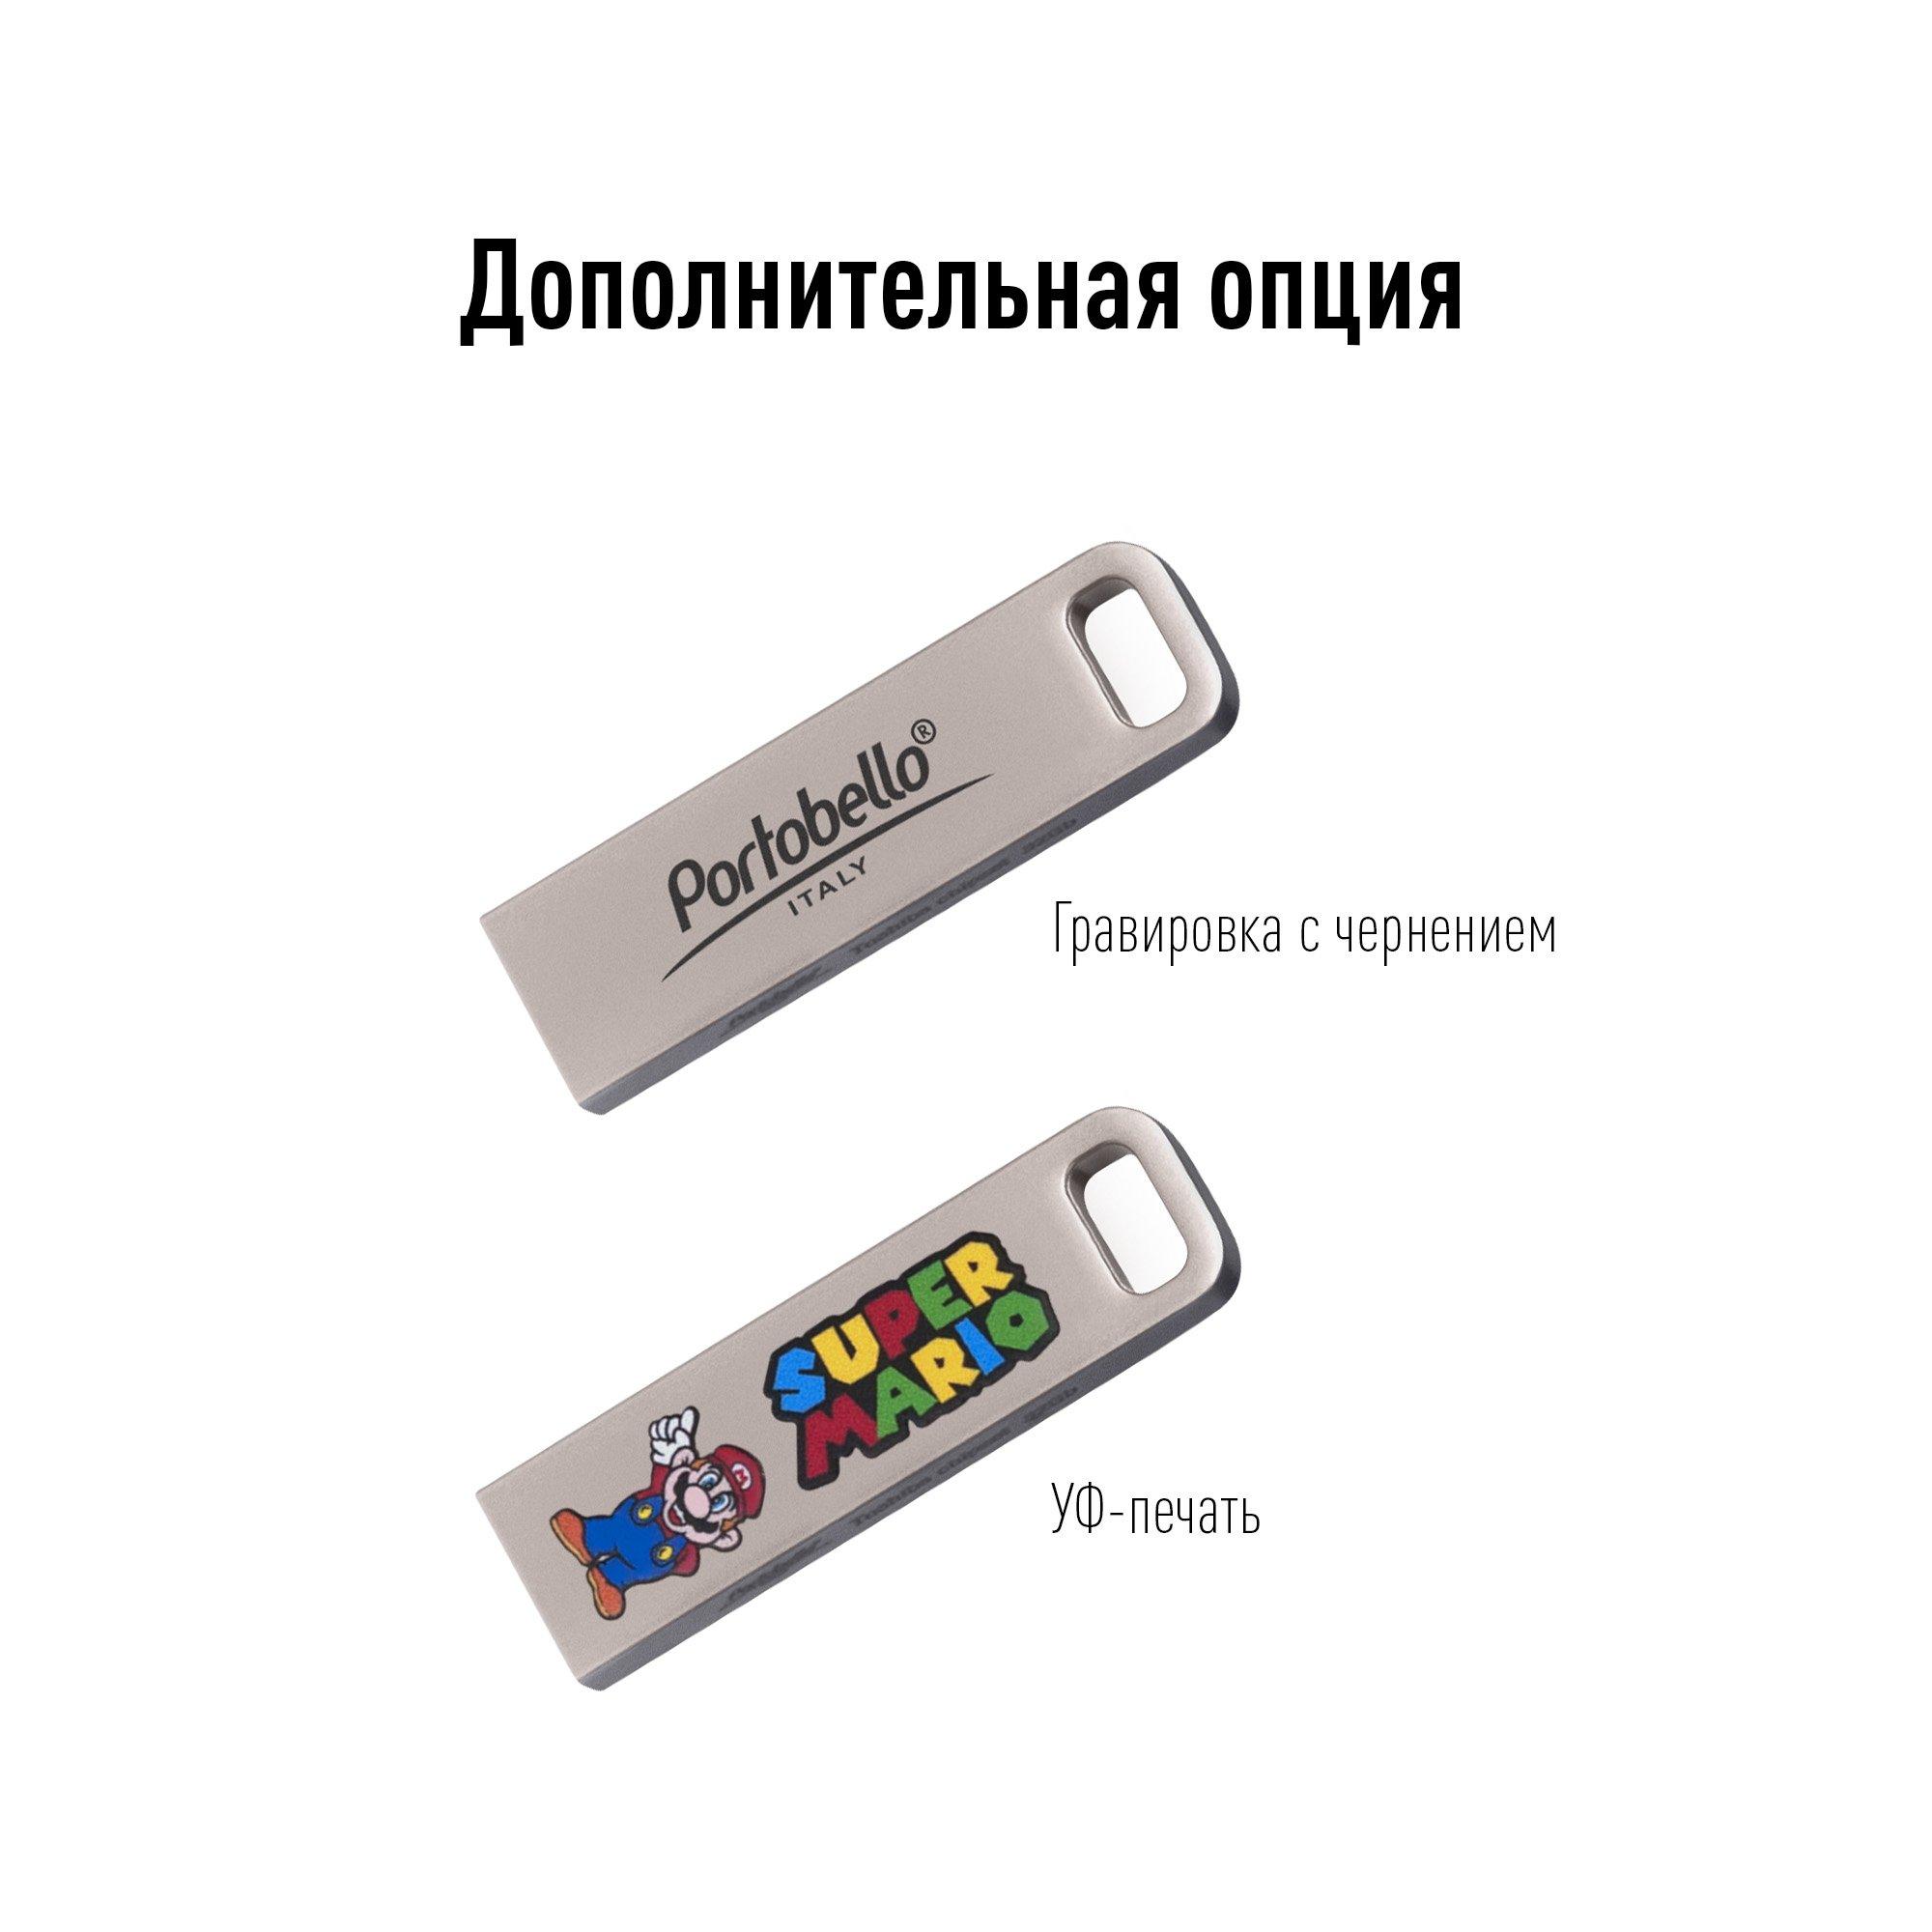 USB Флешка, Flash, 16Gb, серебряный, в подарочной упаковке, серебряный,